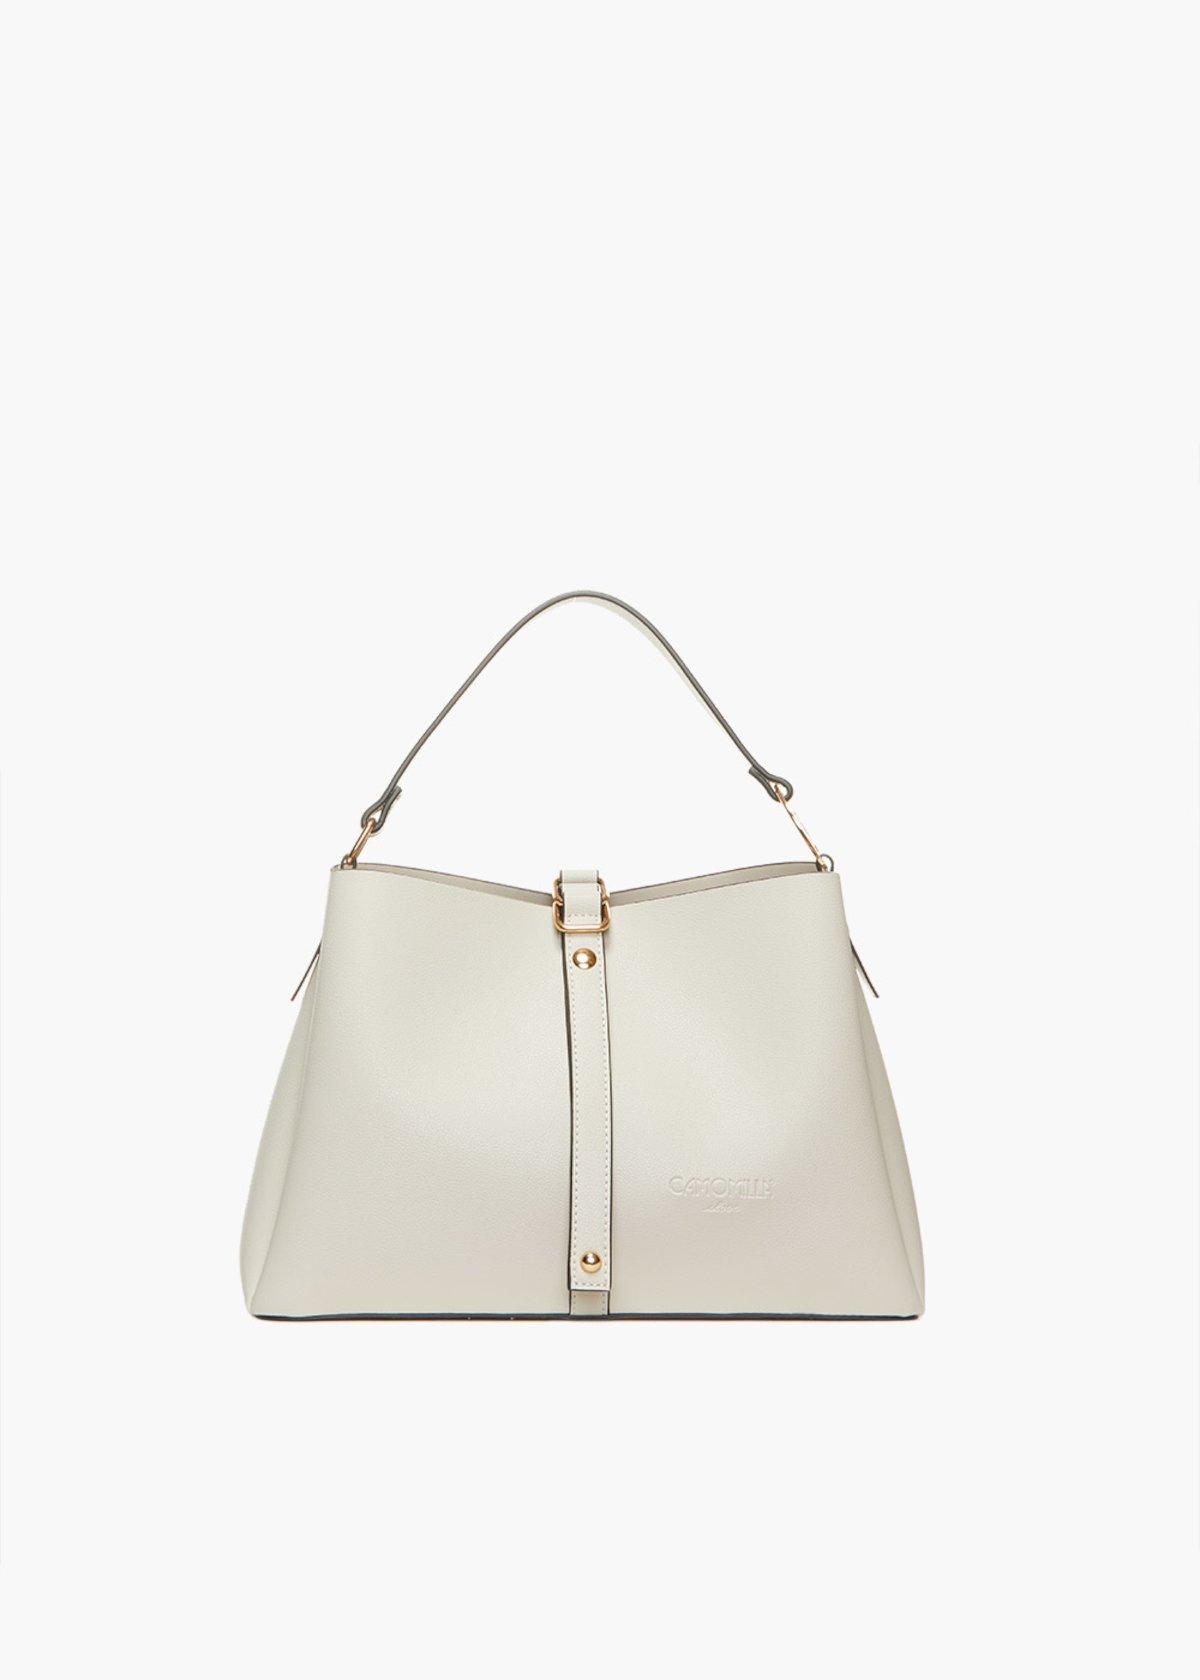 1873a2e9a3 Handles bag Brynn con tracolla - Light Beige - Donna - Immagine categoria